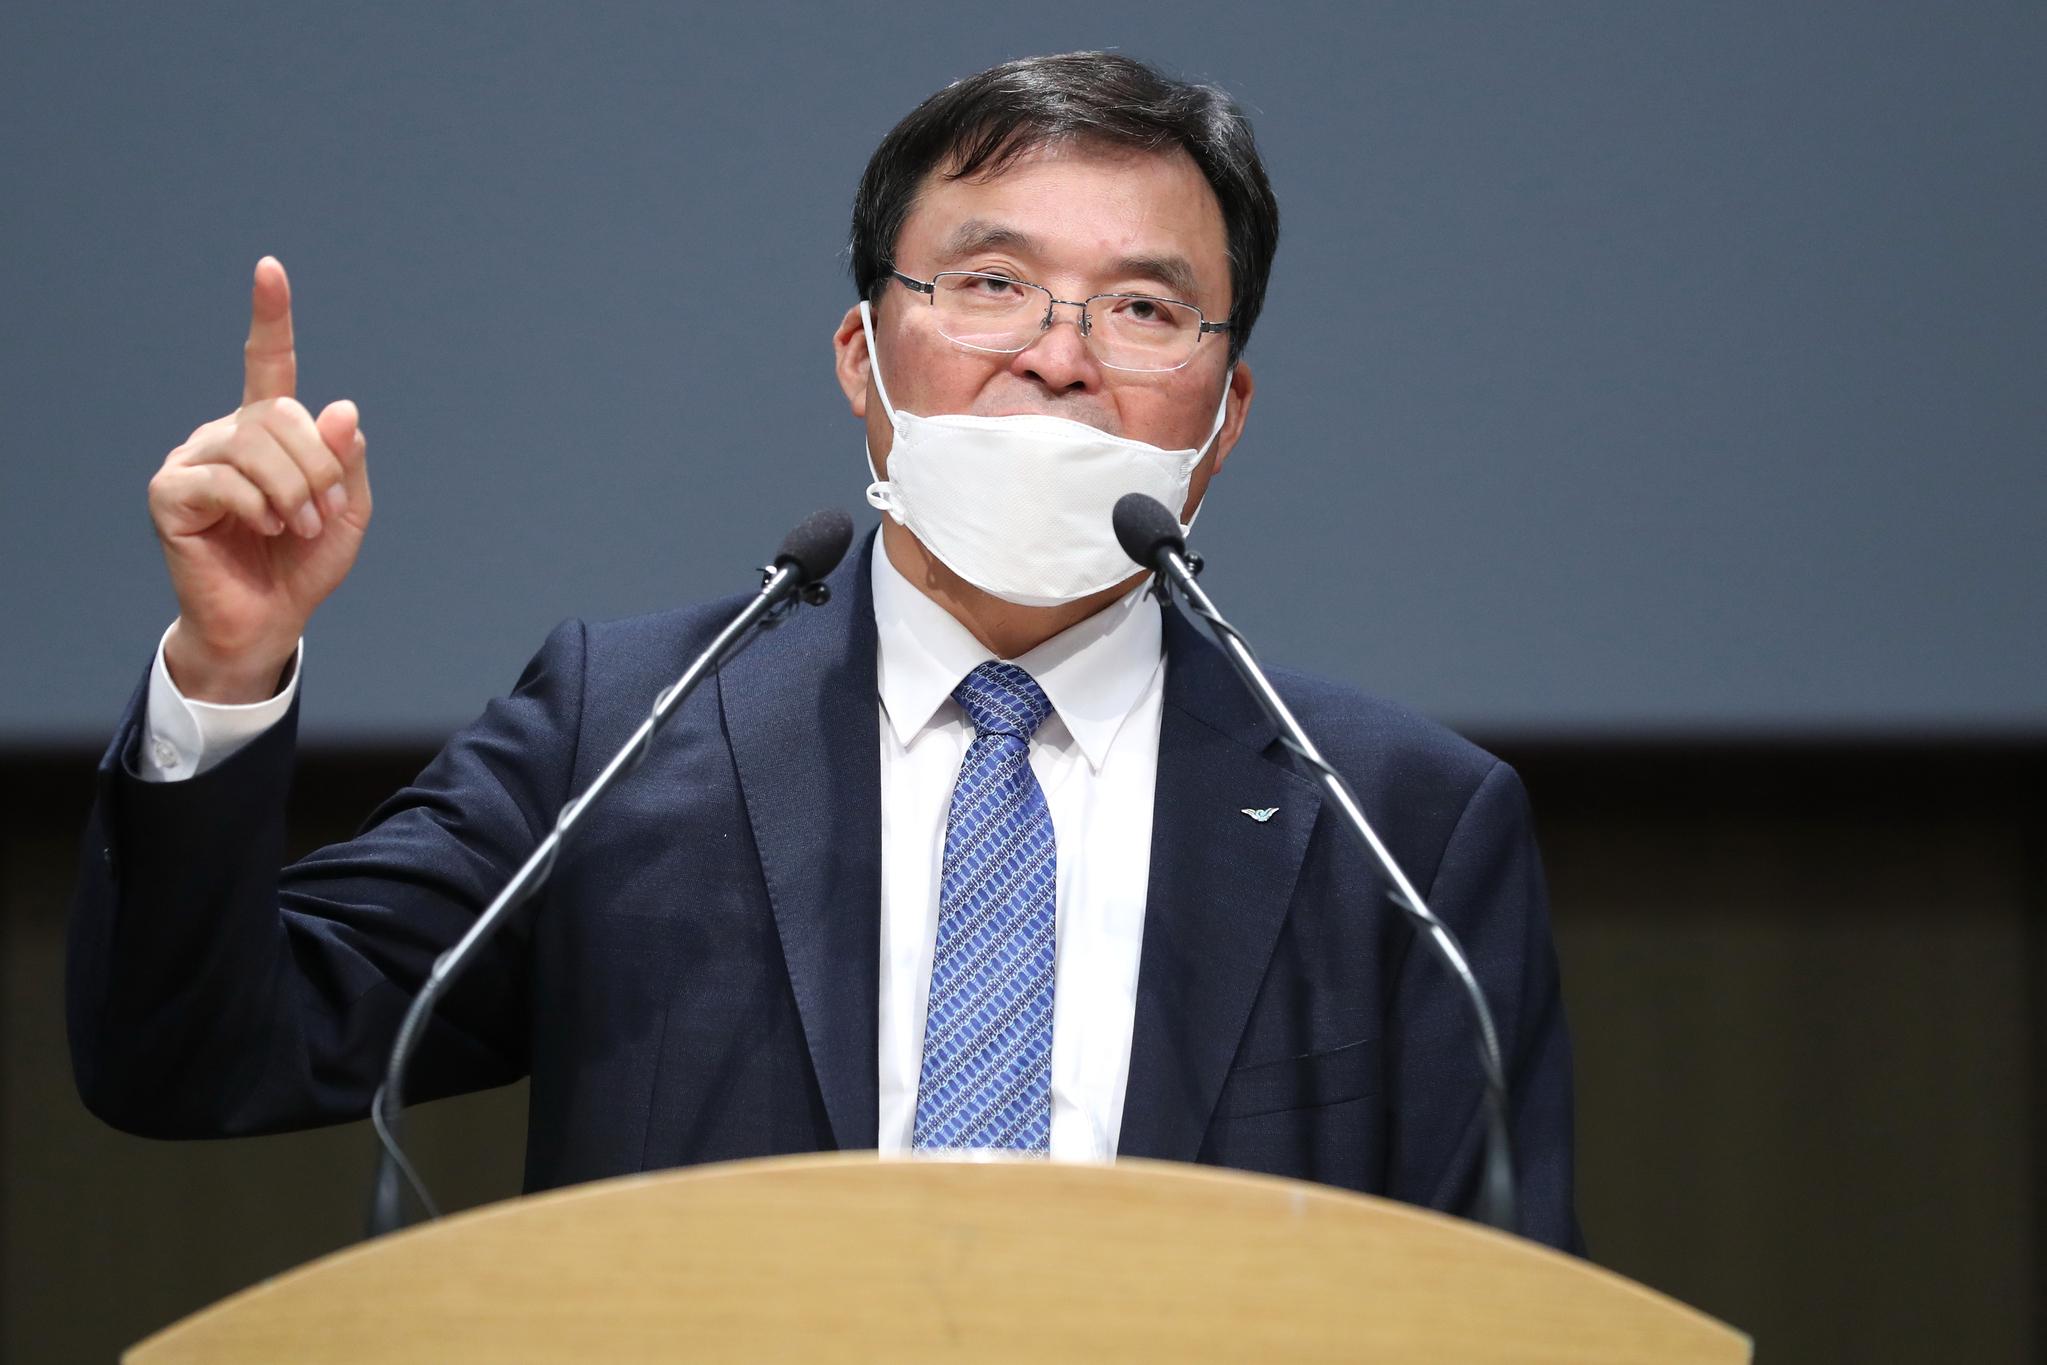 국토부의 반격 인천공항 사장 거짓말…태풍때 복귀 안했다